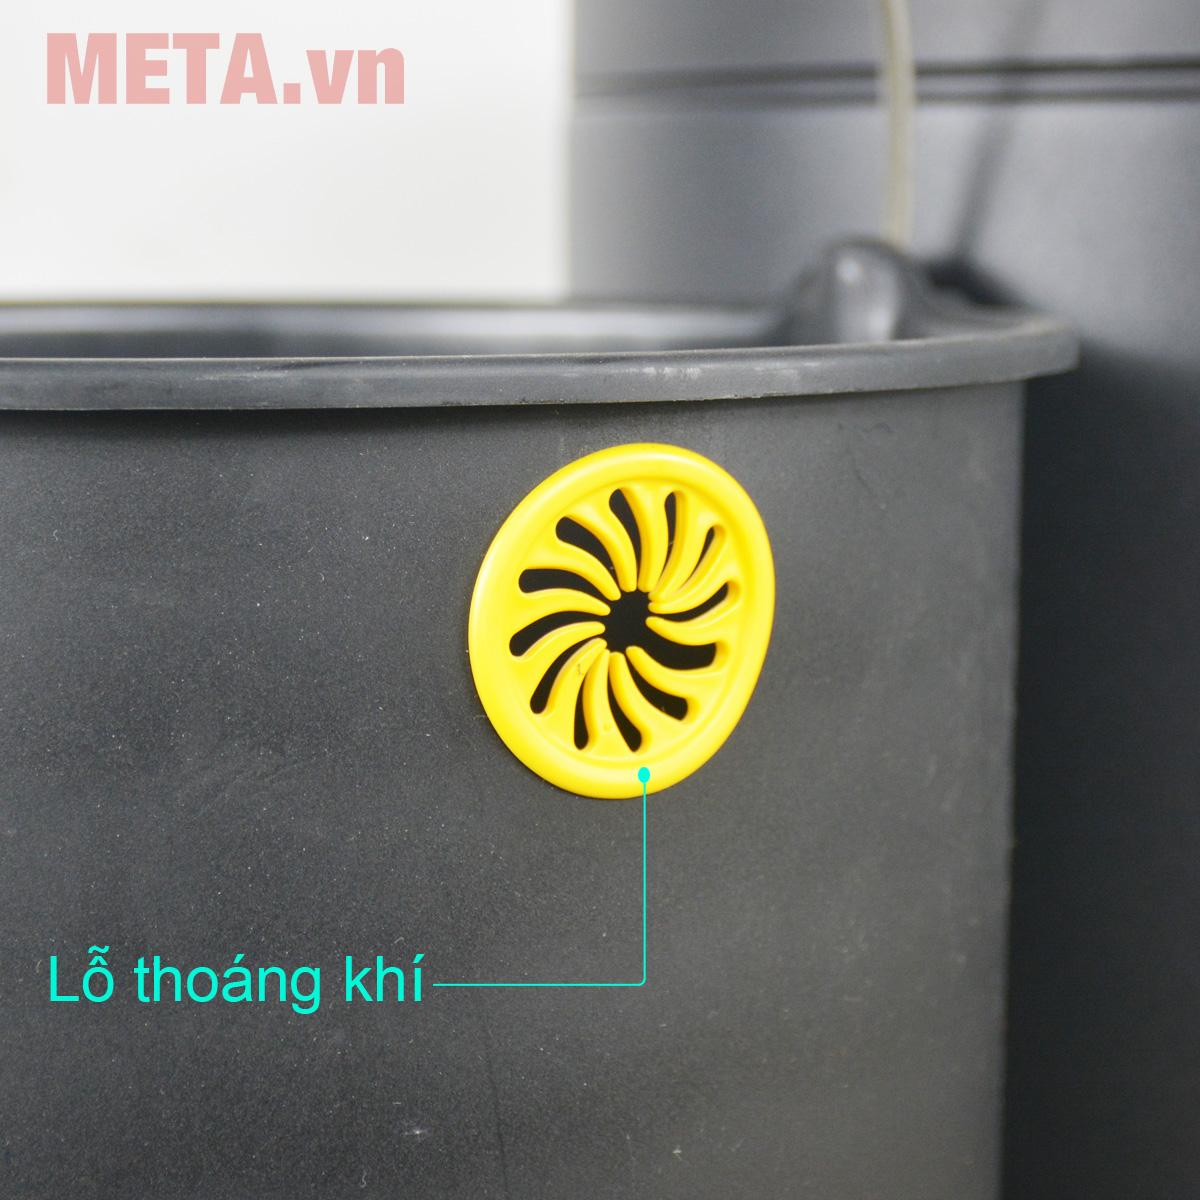 Thùng rác inox đạp tròn nhỏ Fitis RPS1-903 màu đen